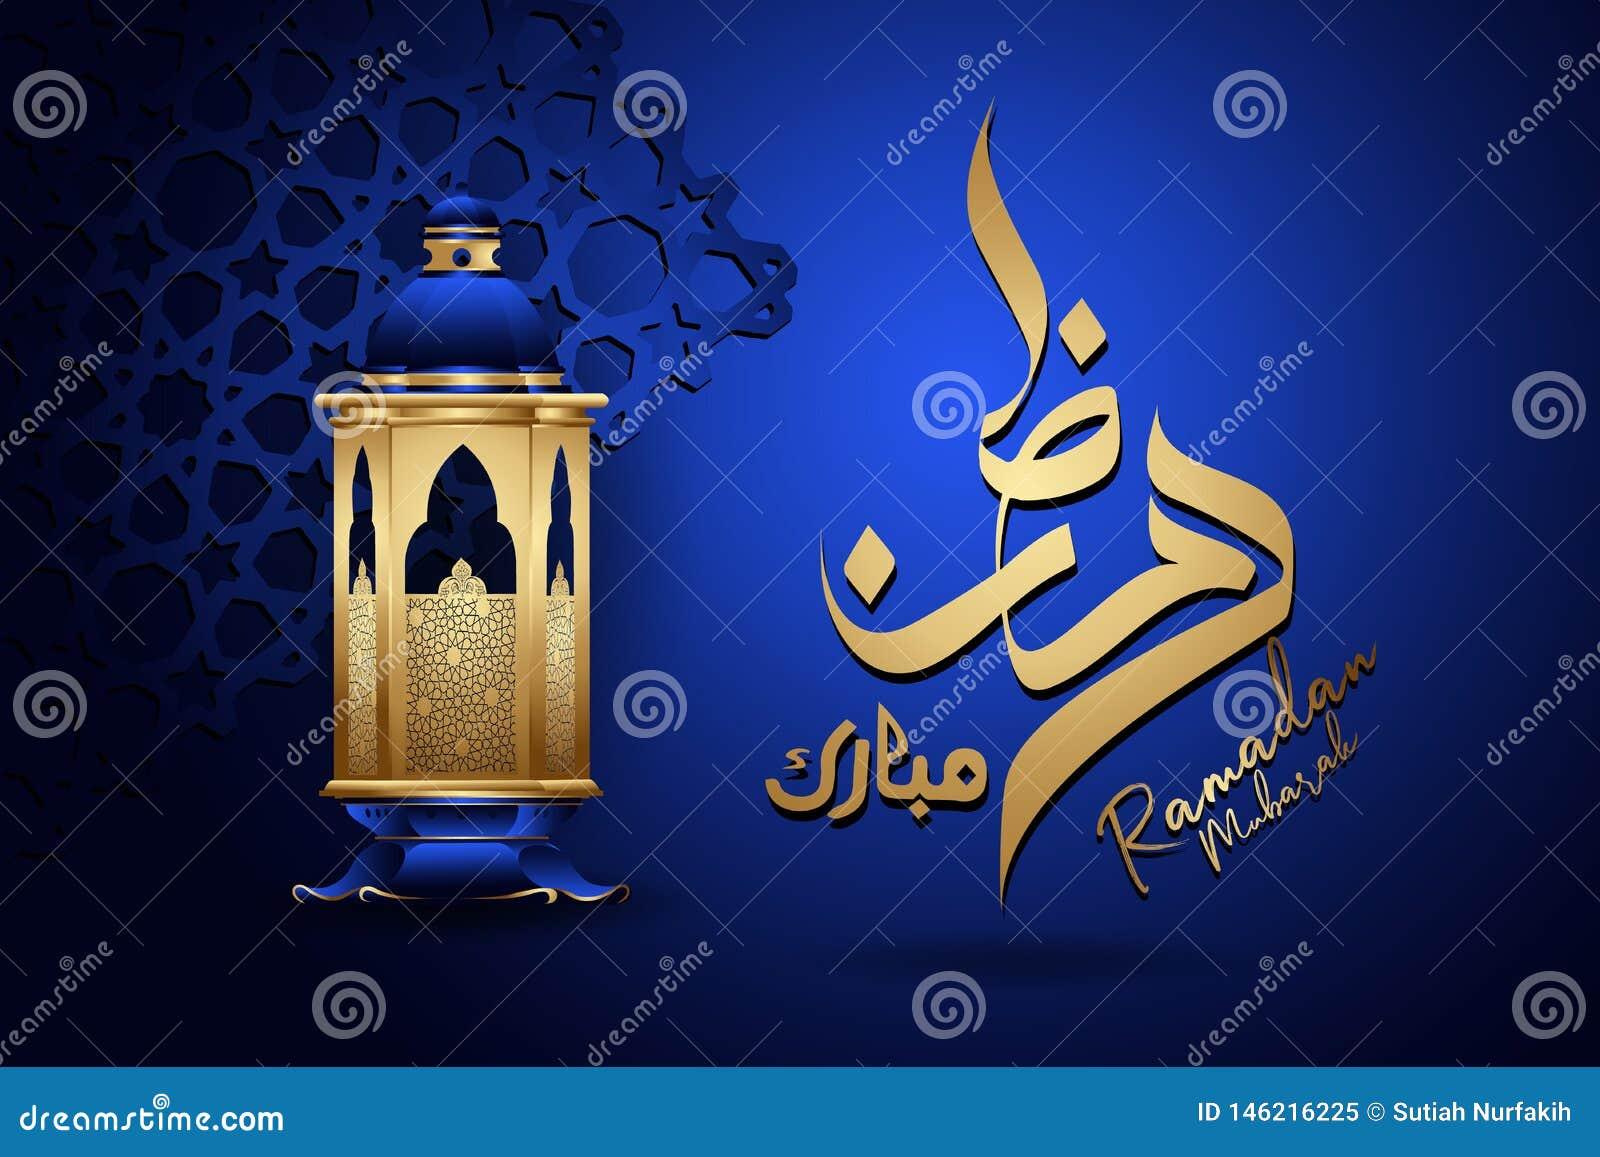 Kareem с золотым роскошным фонариком, вектор Рамазан поздравительной открытки шаблона исламский богато украшенный